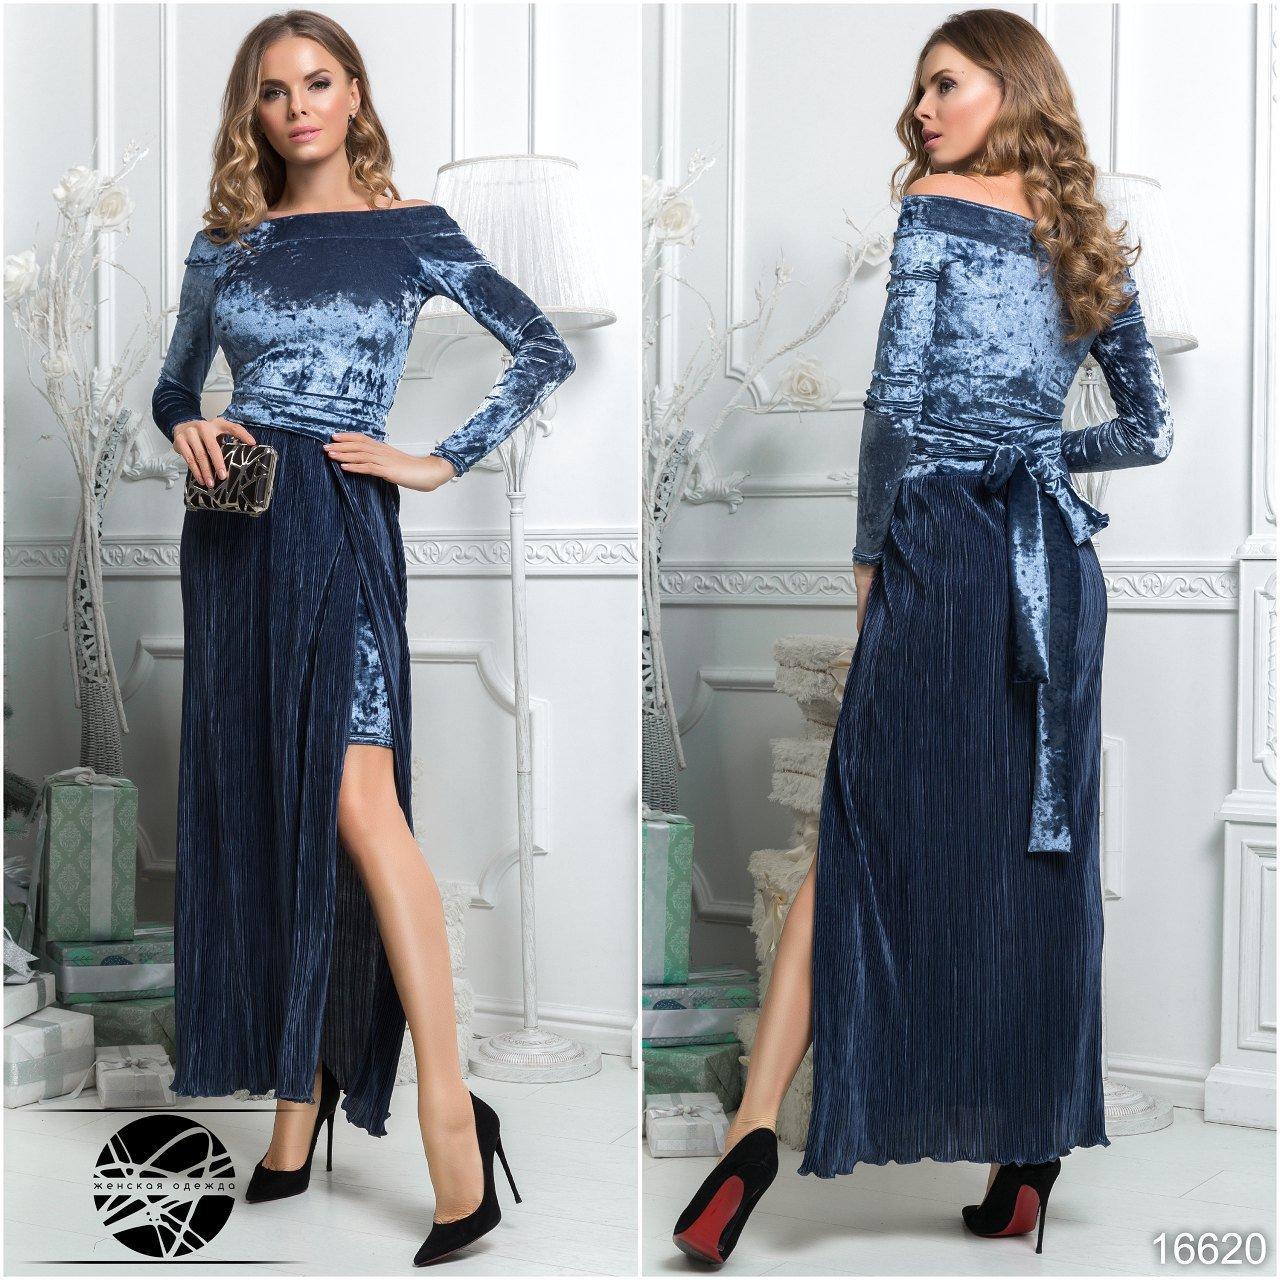 93d1314ba80 Вечернее бархатное платье синего цвета с длинным рукавом. Модель 16620. Размеры  42-48